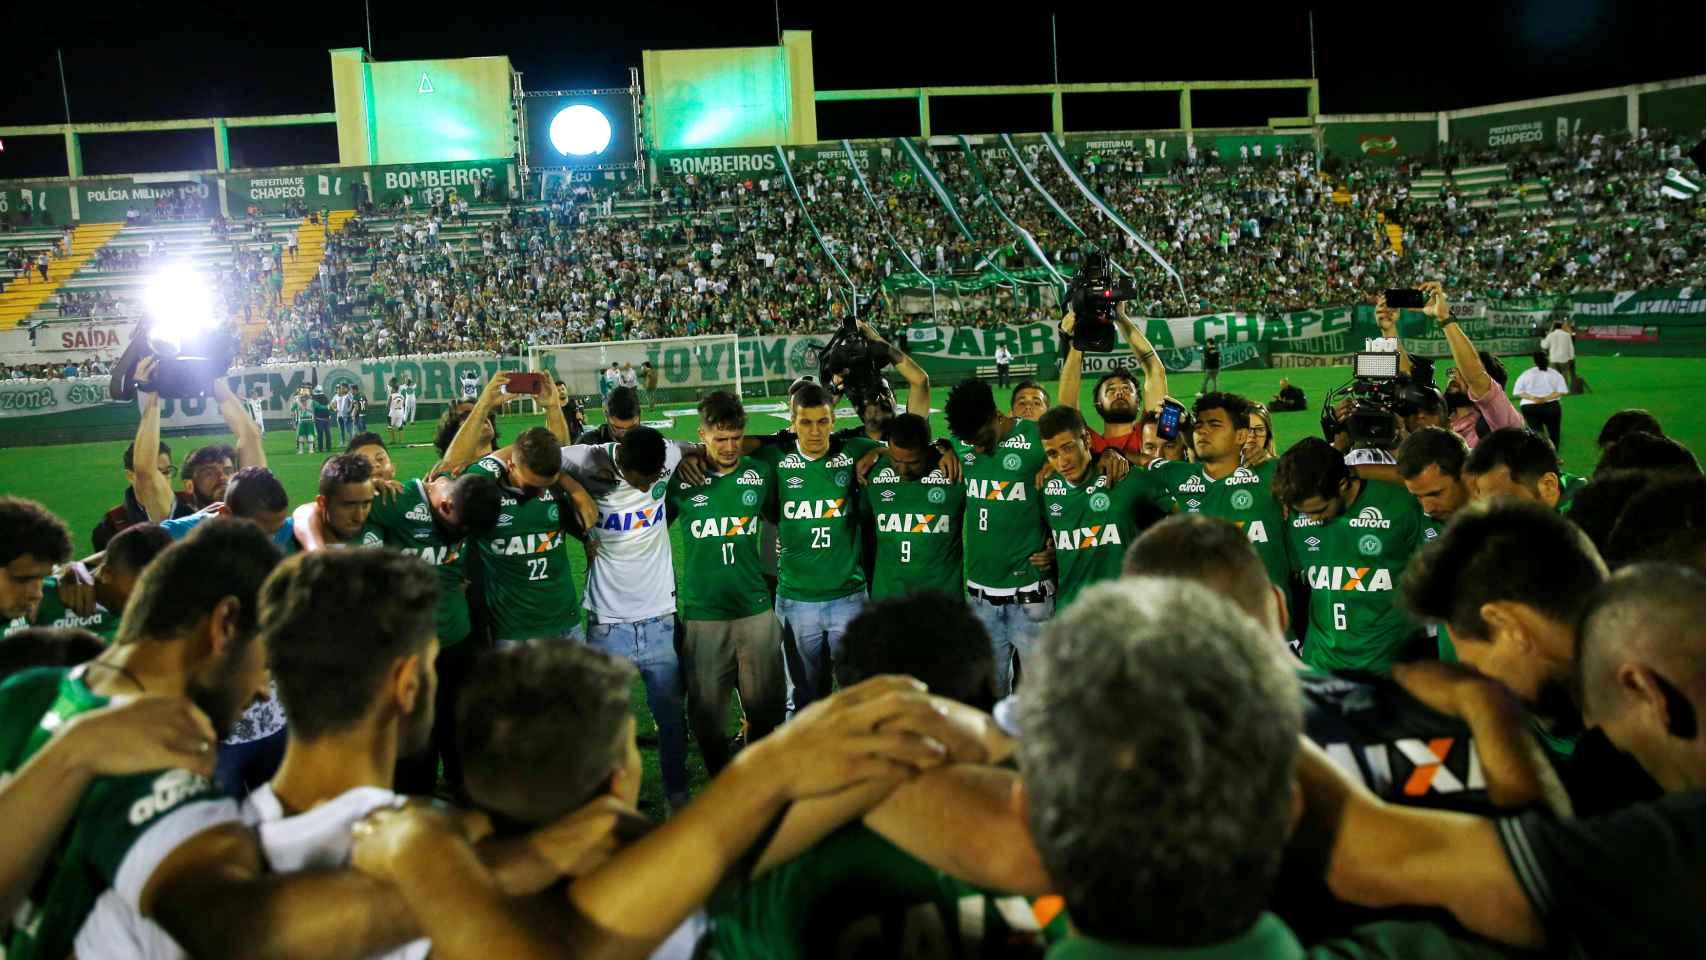 Los aficionados rinden homenaje a las víctimas en el estadio del Chapecoense.